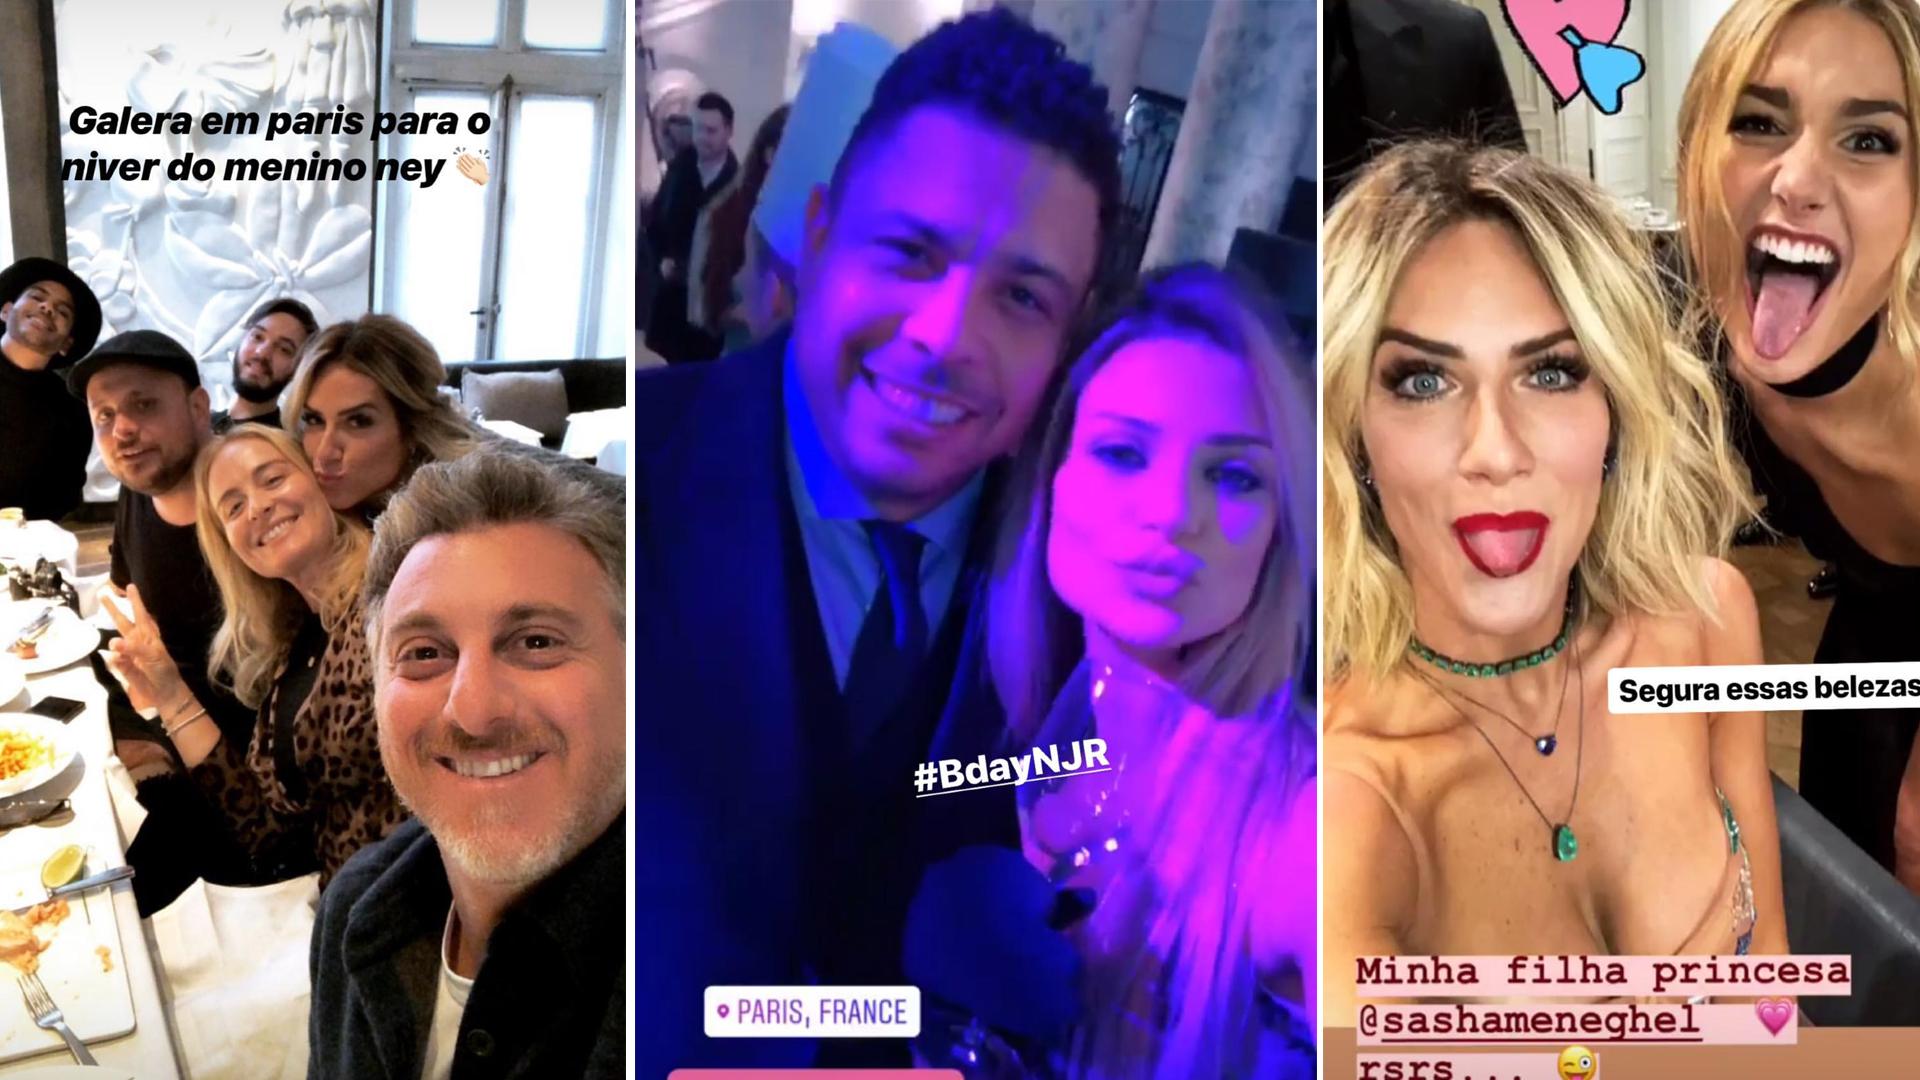 Festa Neymar 26 anos 04 02 18 Luciano Huck Angelica Ronaldo Giovanna Ewbank Sasha Meneguel